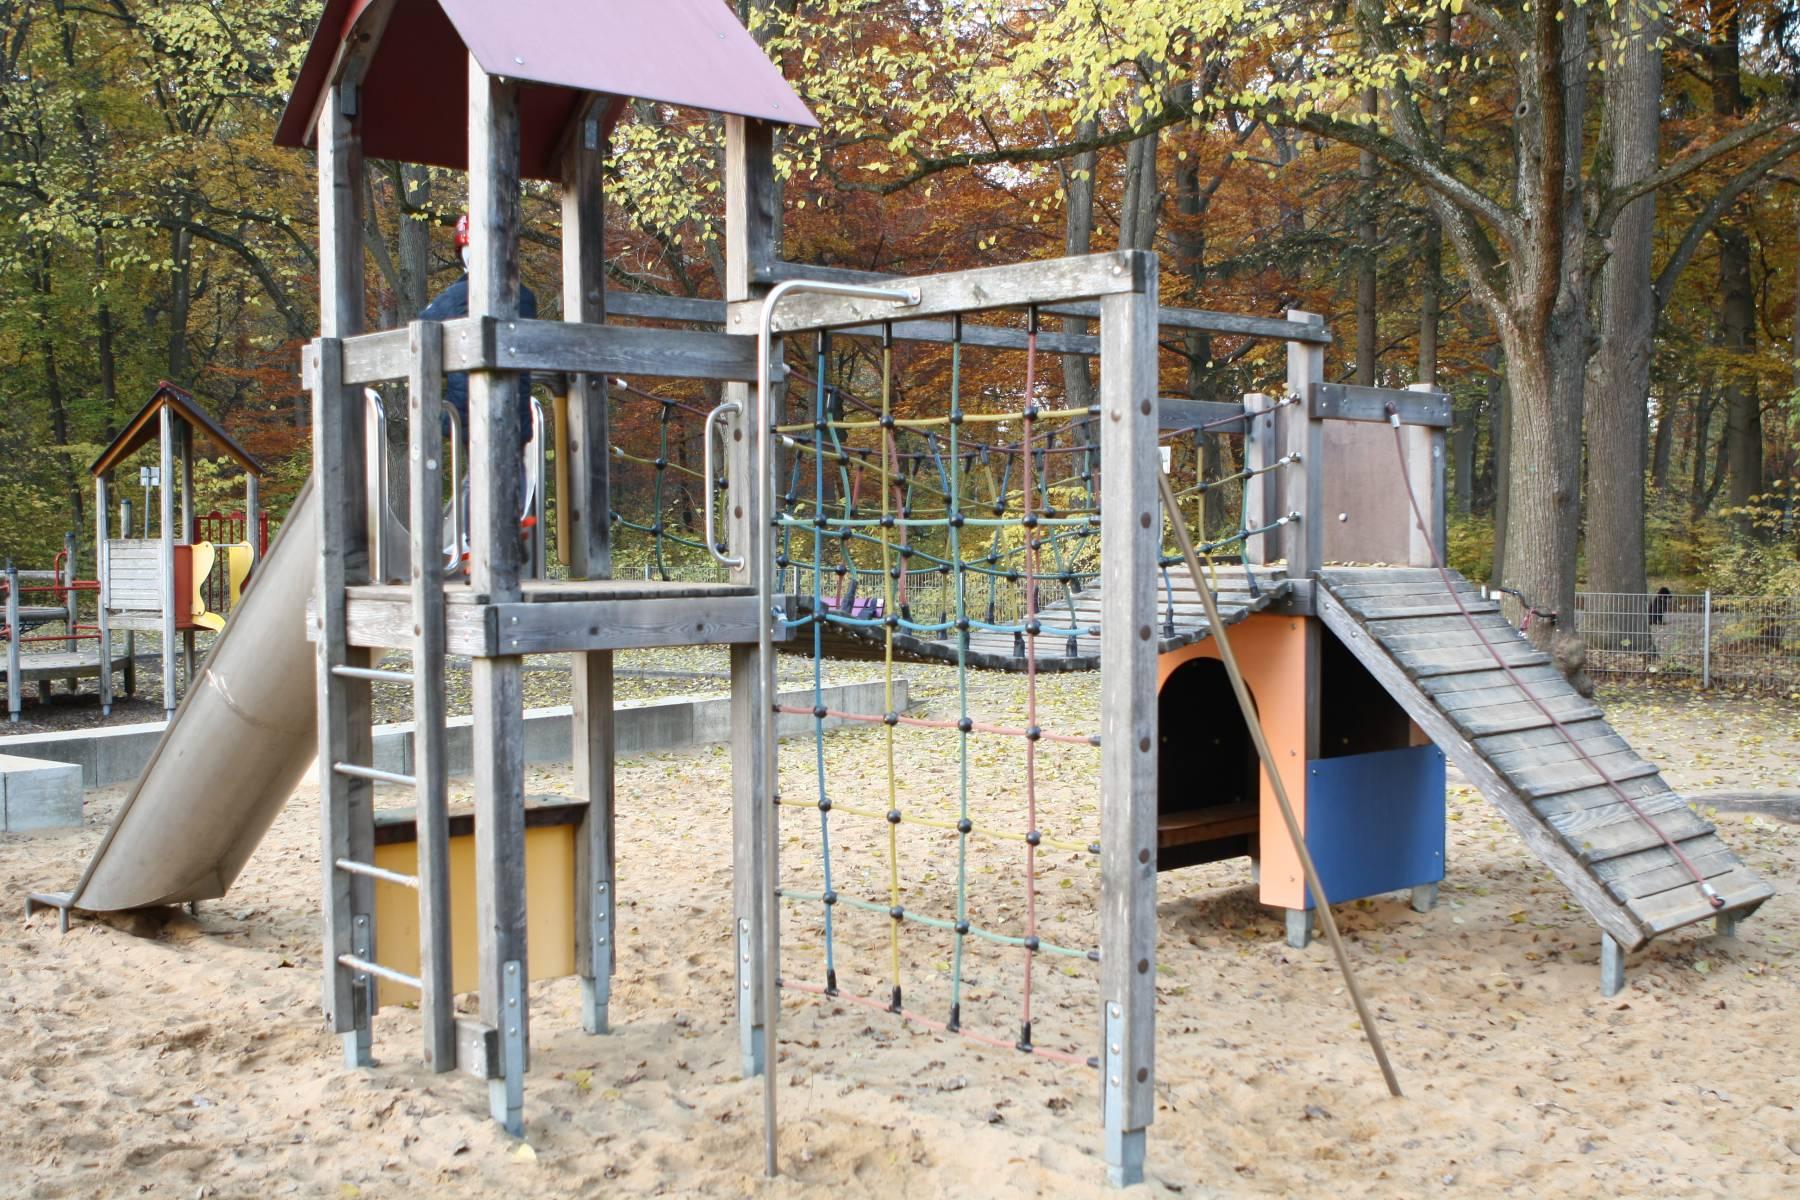 Spielplatz Parkhausl Spielplatz In Augsburg Spielplatznet De